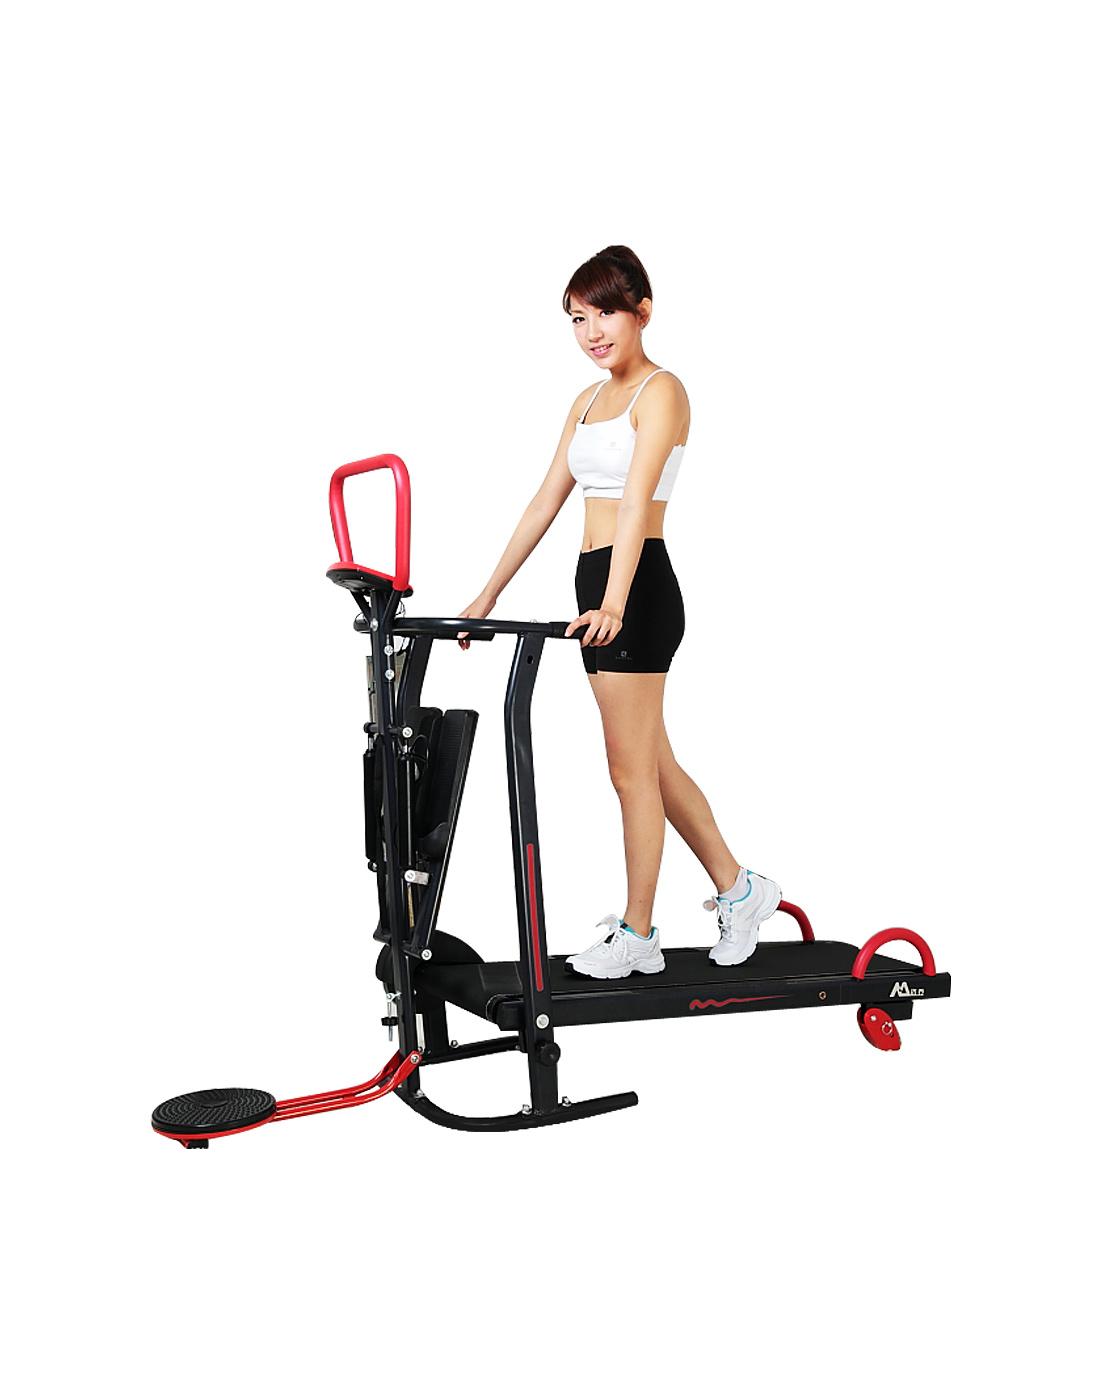 迈乔四合一机械跑步机踏步机扭盘机家用跑步走步机多功能健身器材